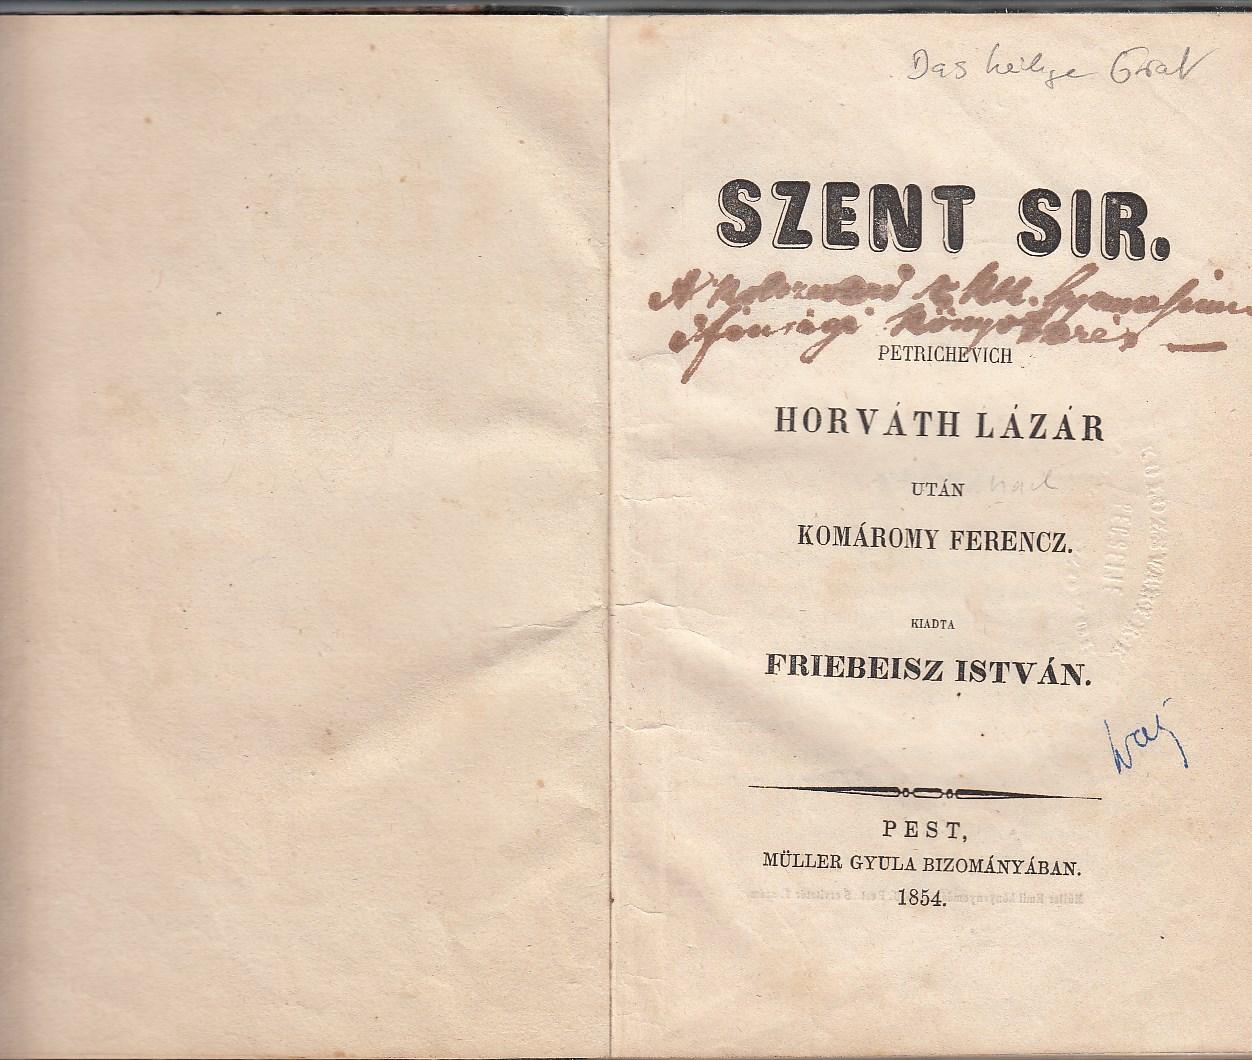 Szent Sir (Das heilige Grab). Petrichevich Horváth Lázar utan Komáromy Ferencz. Kiadta (herausgegeben) von Friebeisz István. Mit 2 Abbn. aus Nazareth.